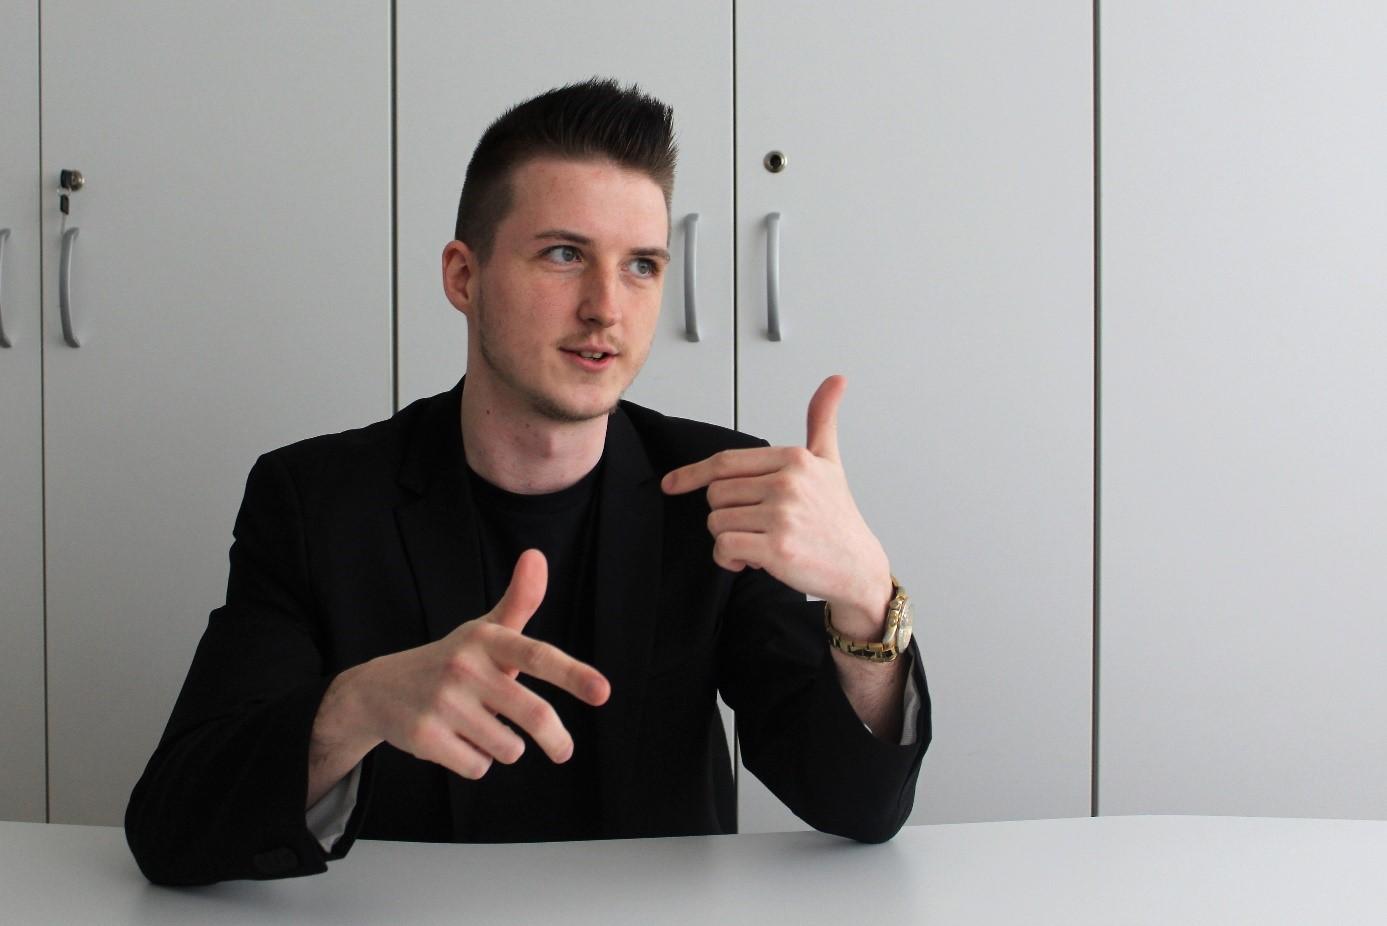 Győri joghallgatók sikere a Mailáth-pályázaton